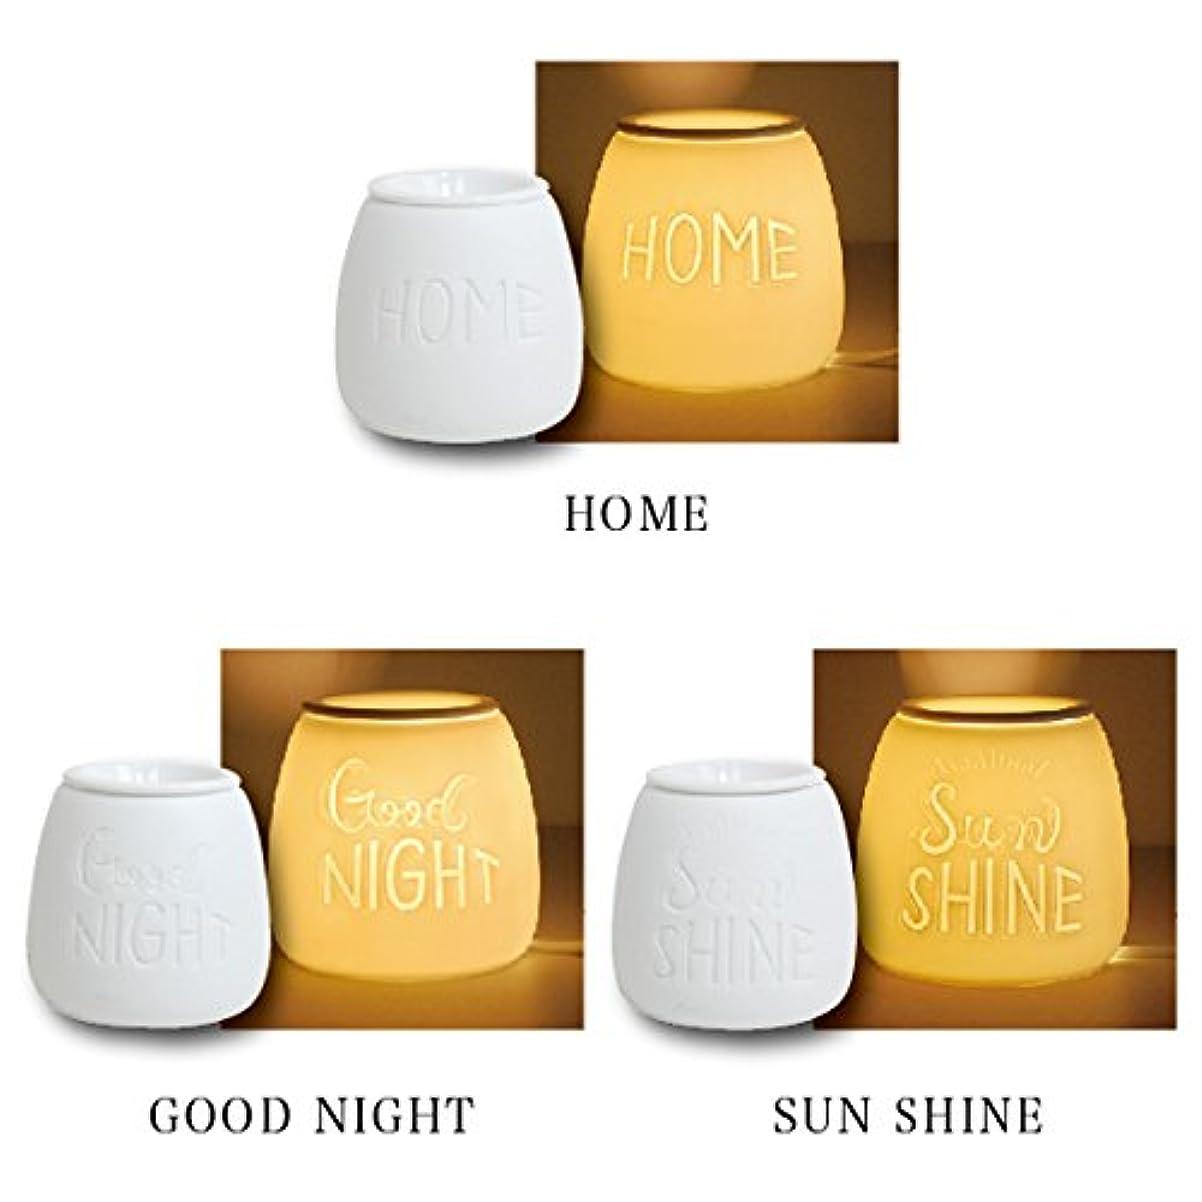 締める暖かくクリップレタリング アロマライト コード式 アロマランプ  タイマー 調光 機能付 (SUN SHINE)